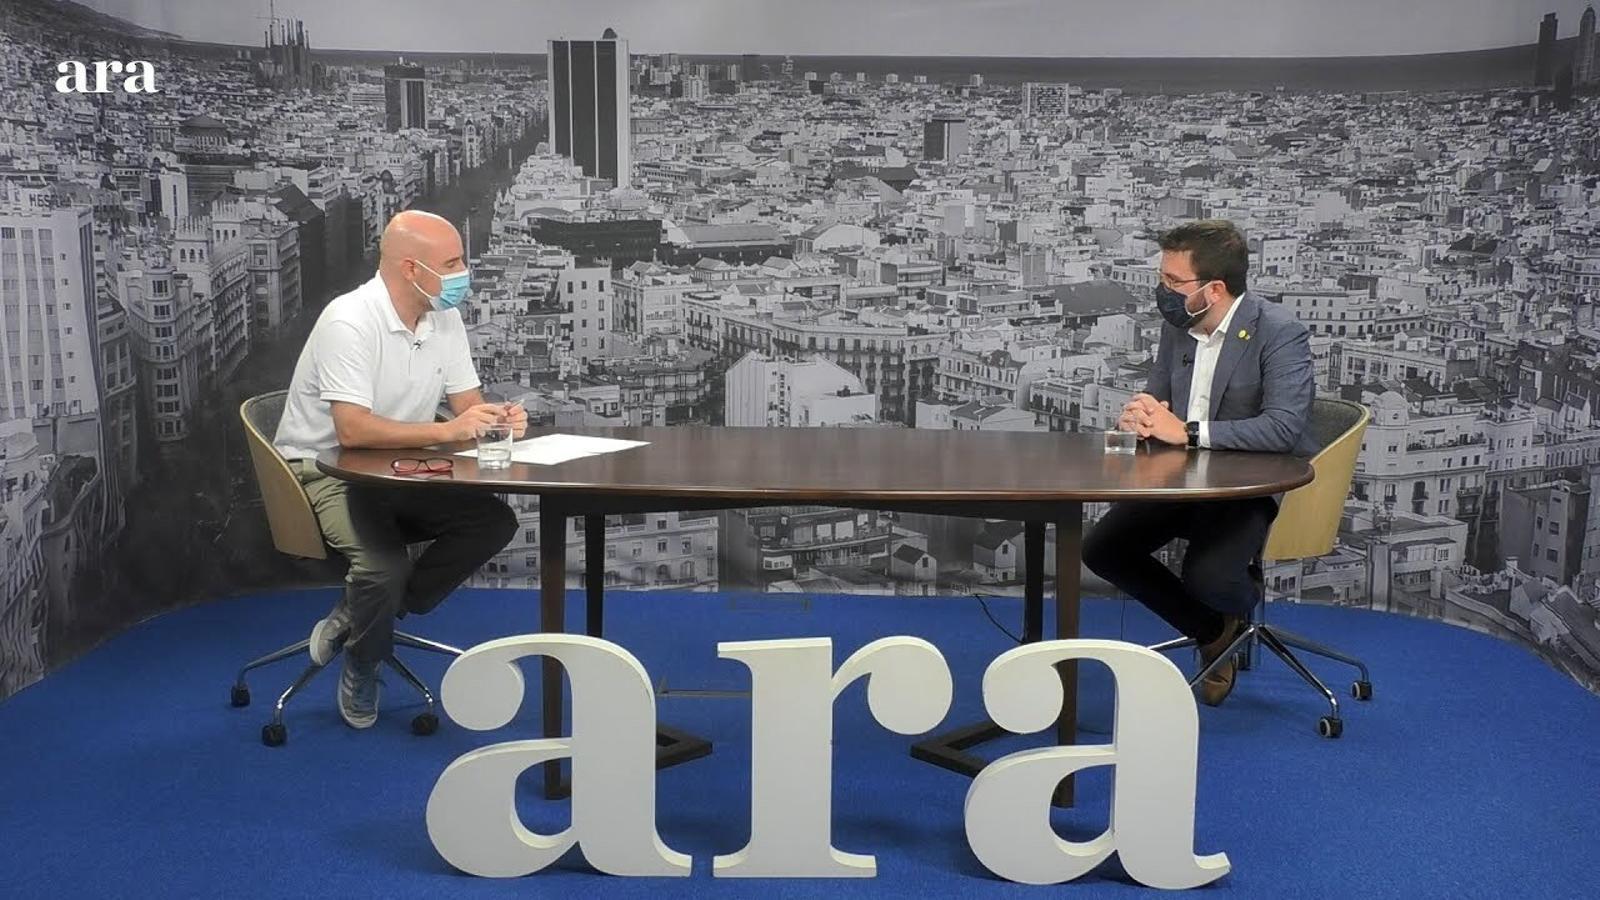 Entrevista de David Miró a Pere Aragonès